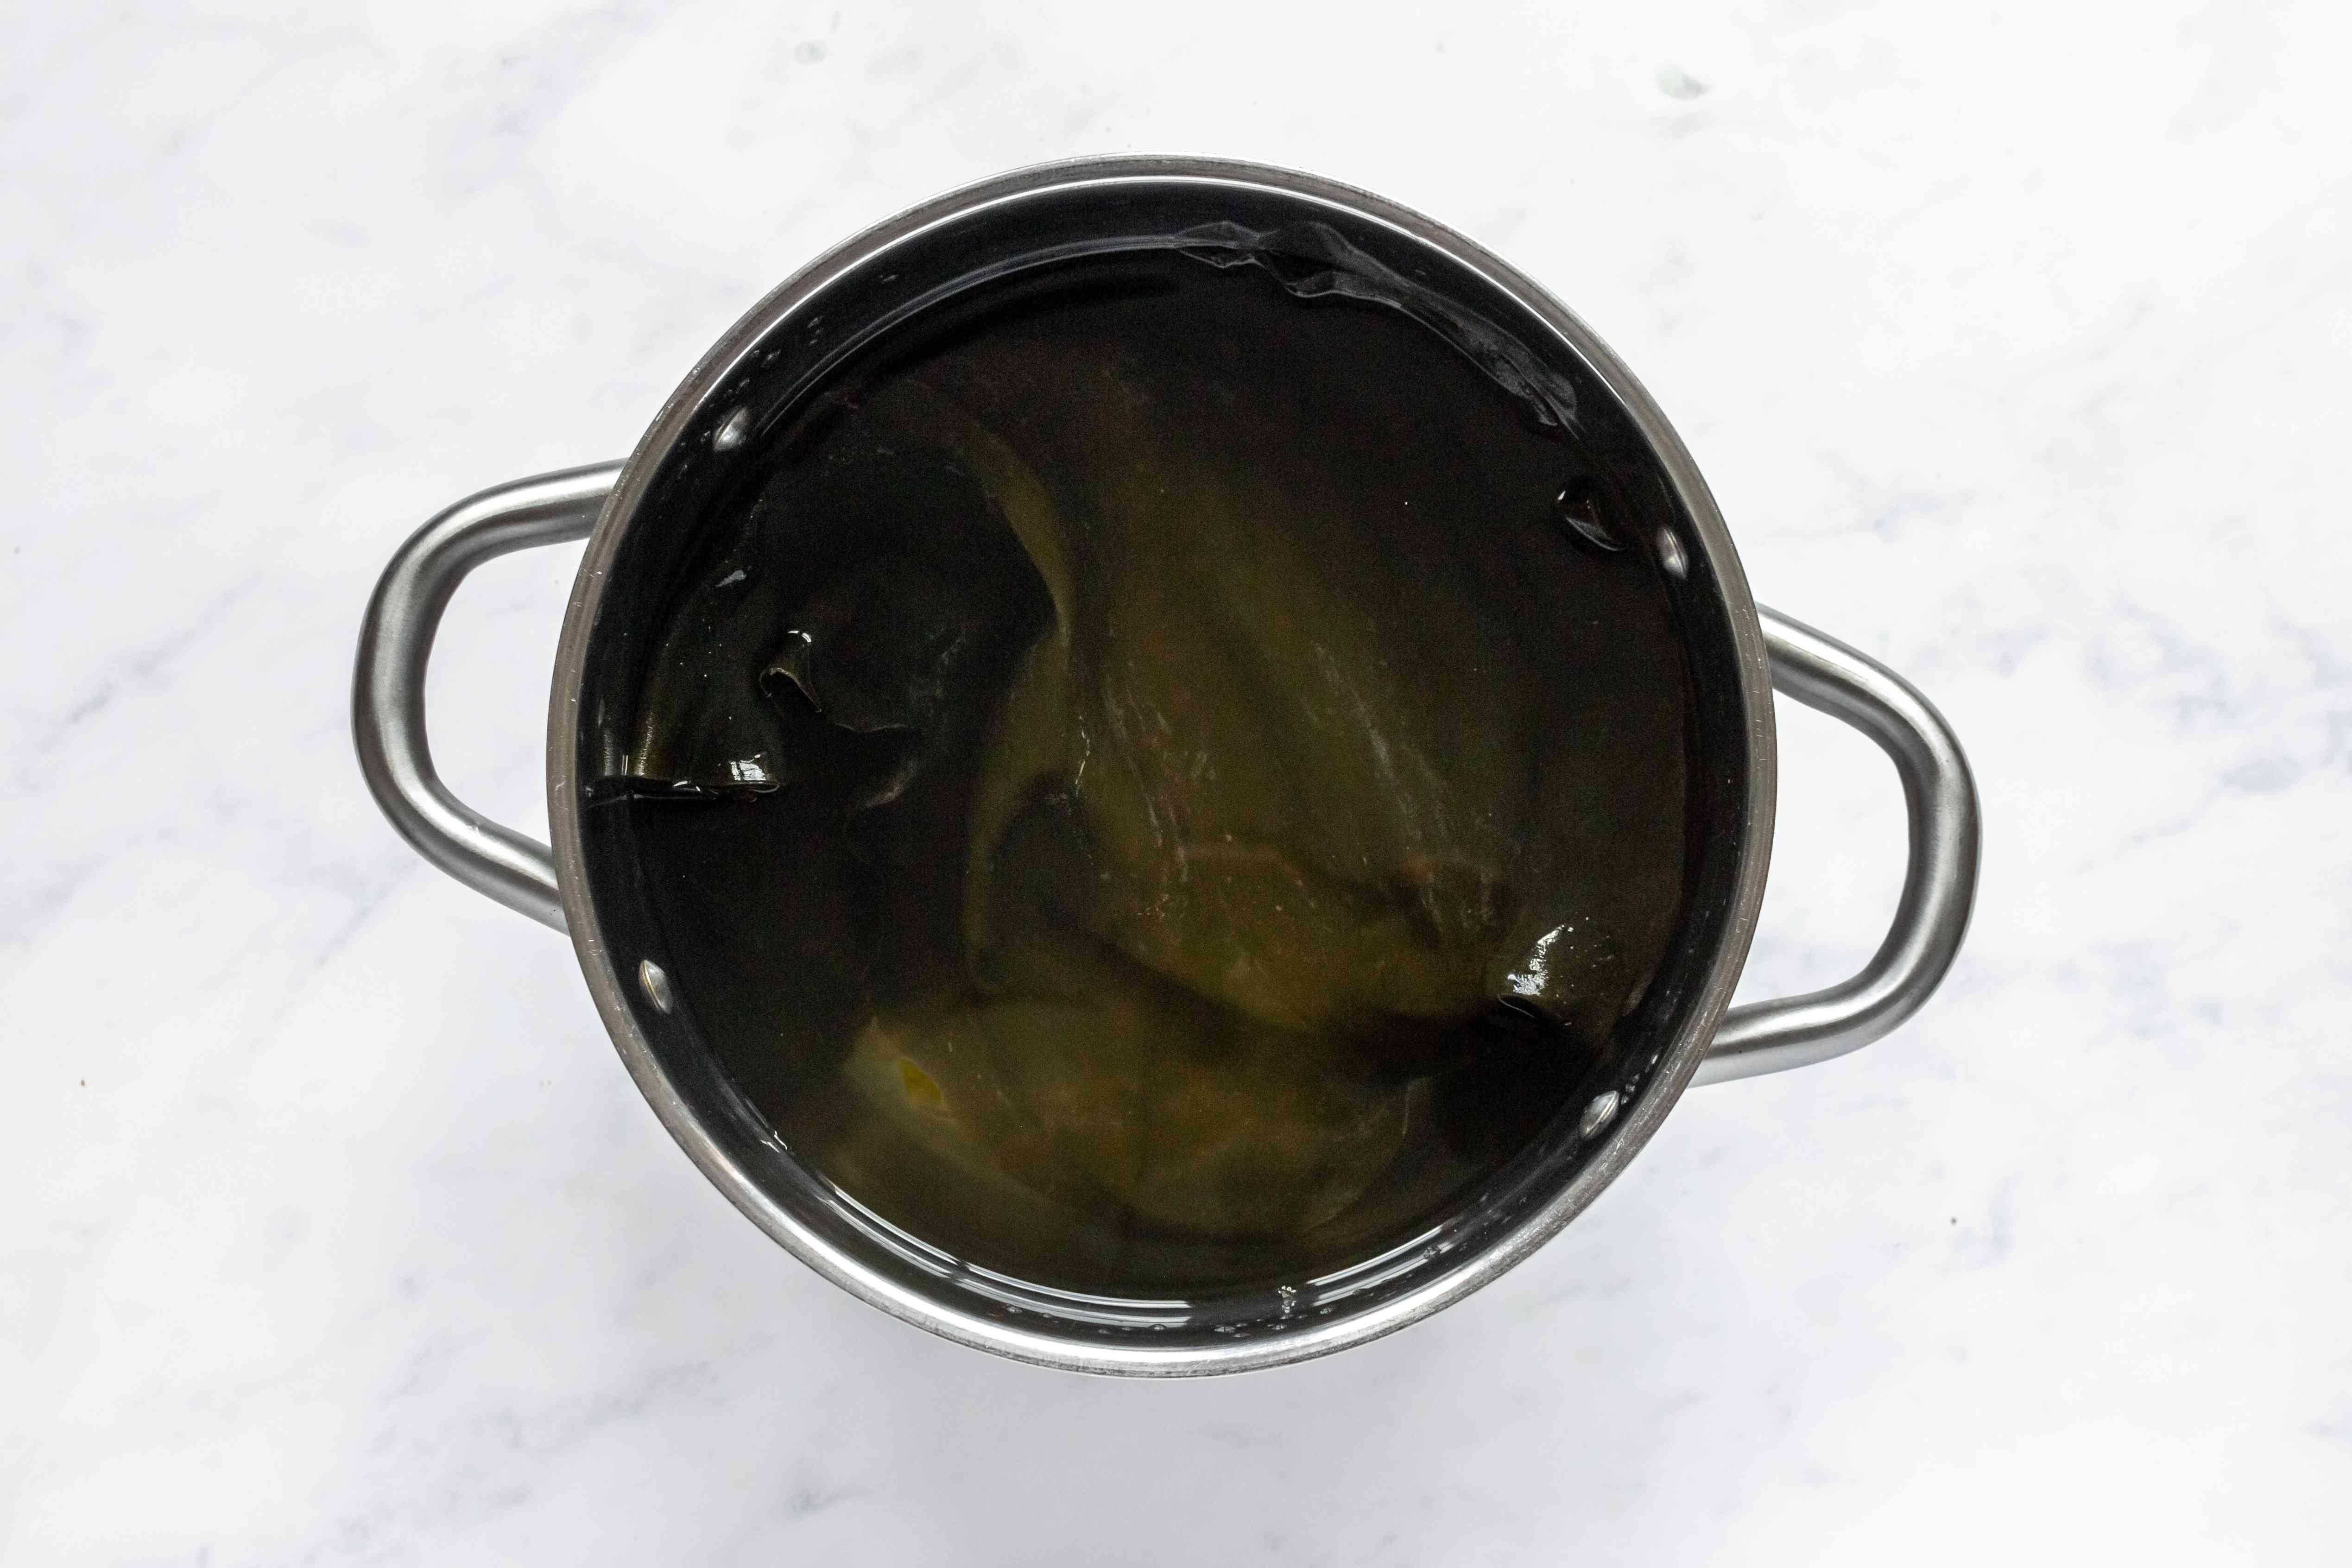 dried dashi konbu and water in a pot